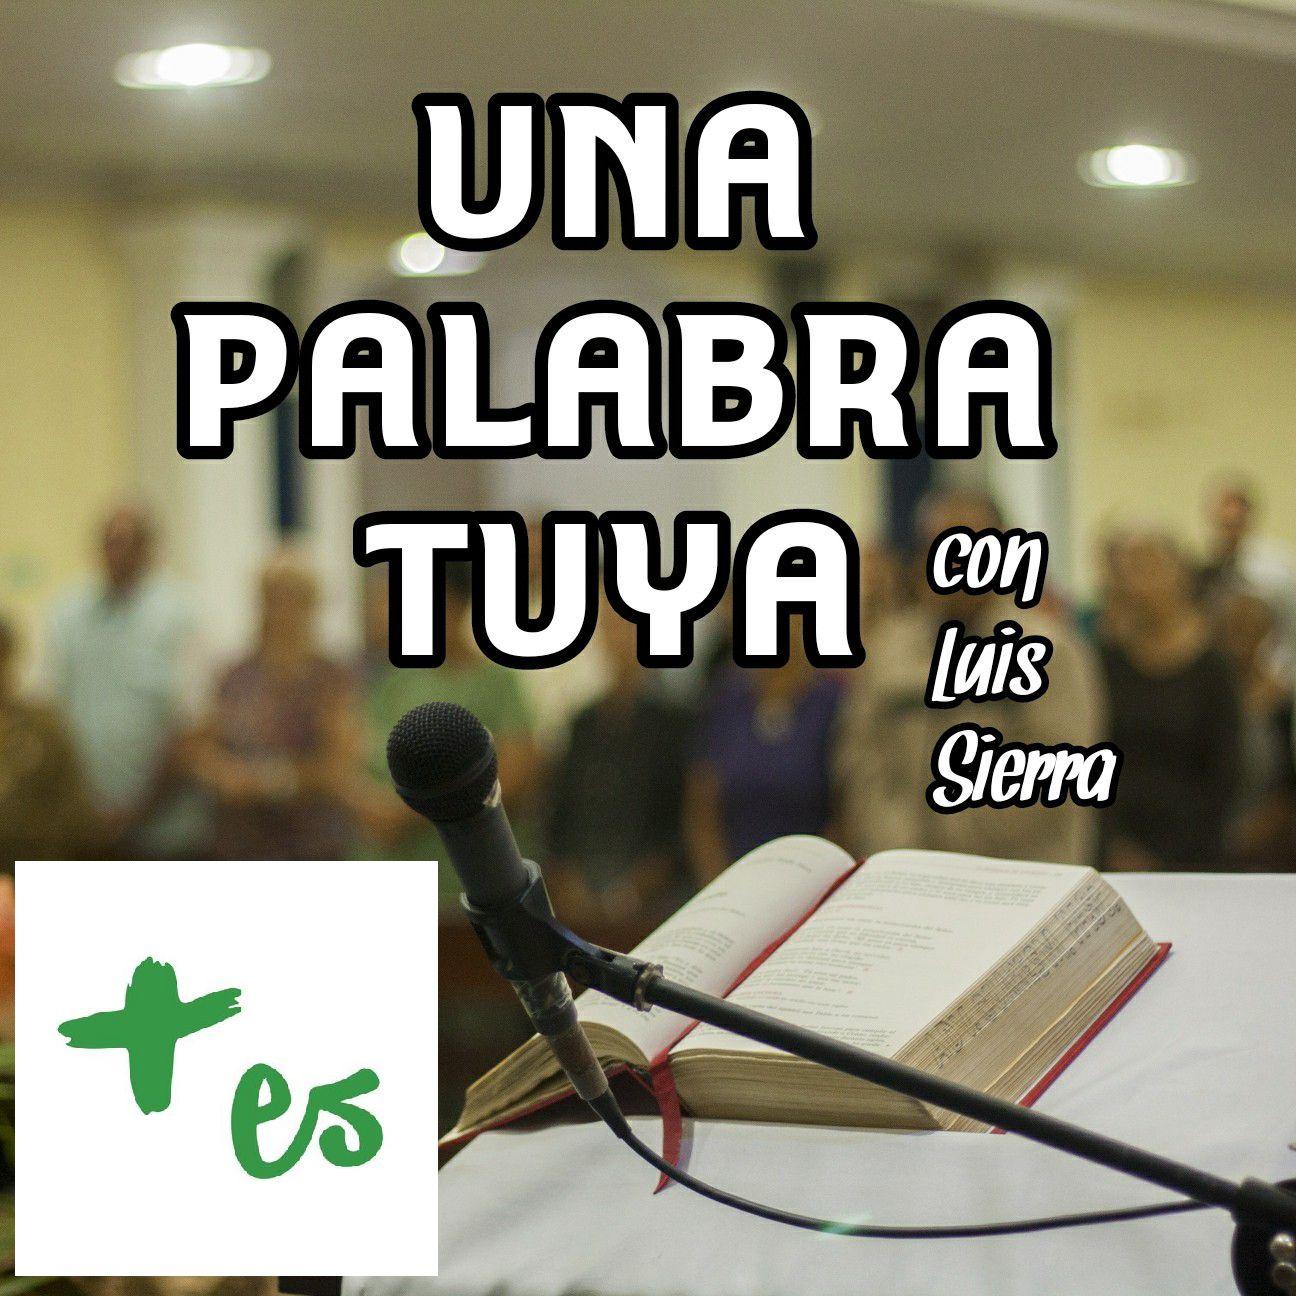 Una Palabra Tuya | 3 FEB 2019